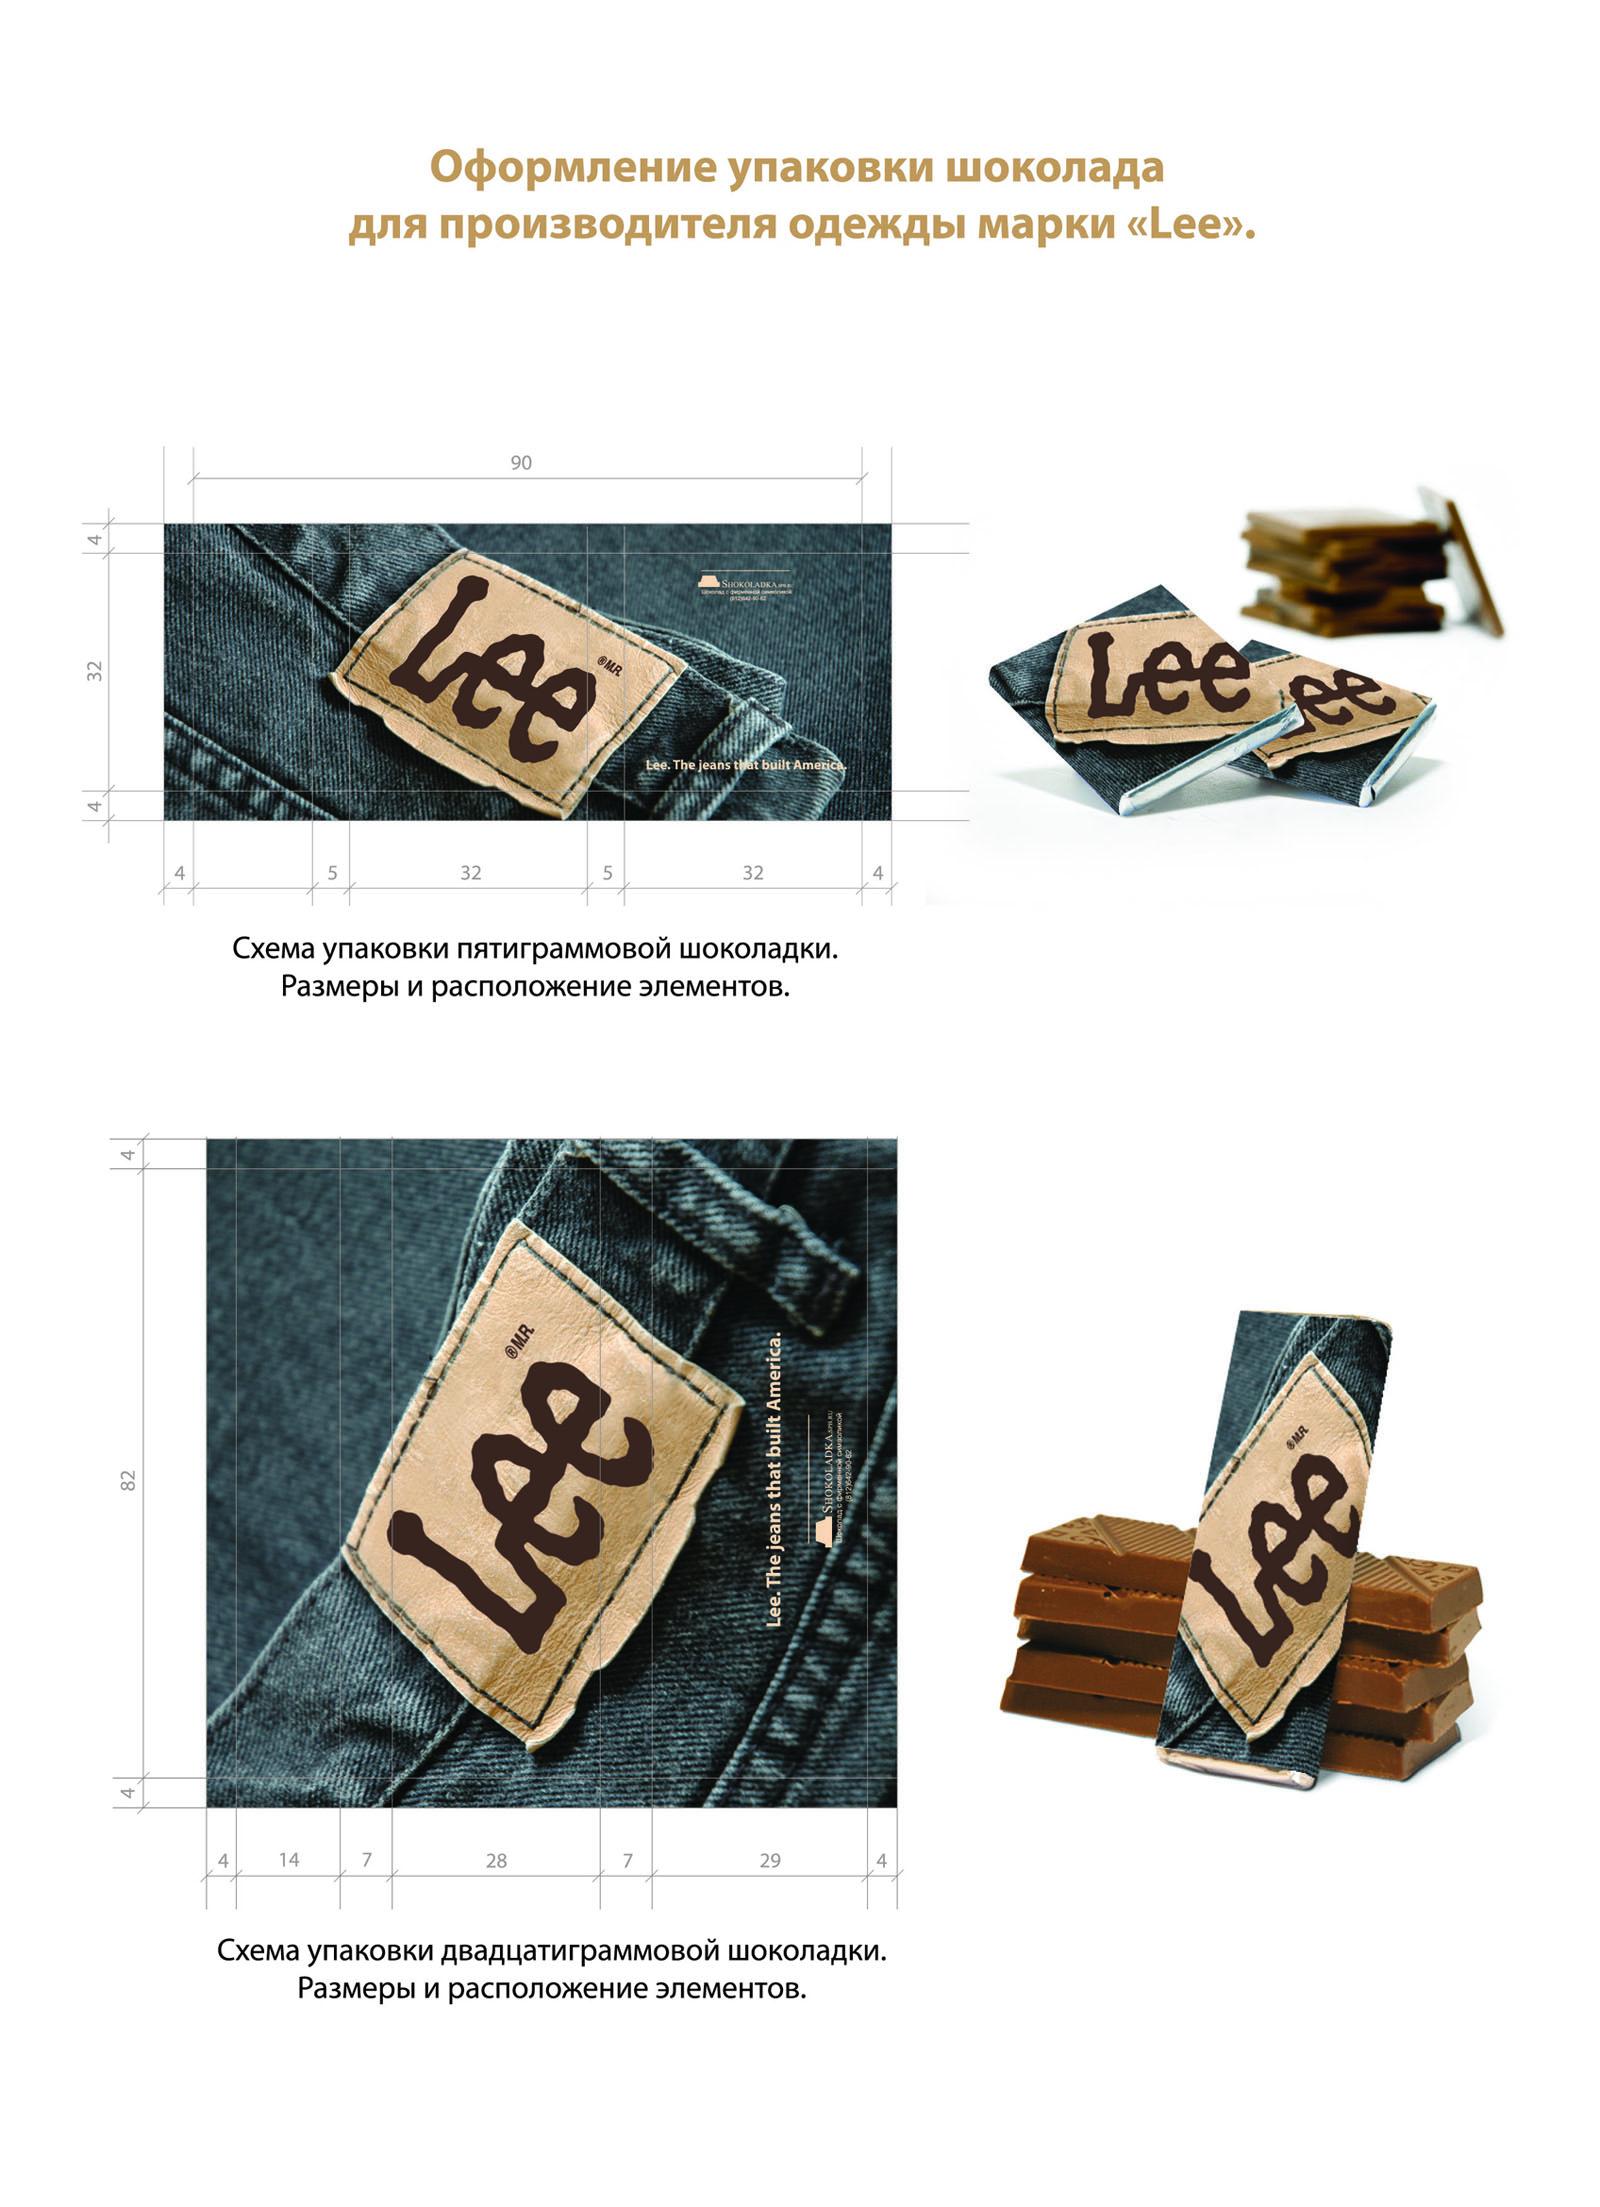 упаковка шоколадки с фирменной символикой